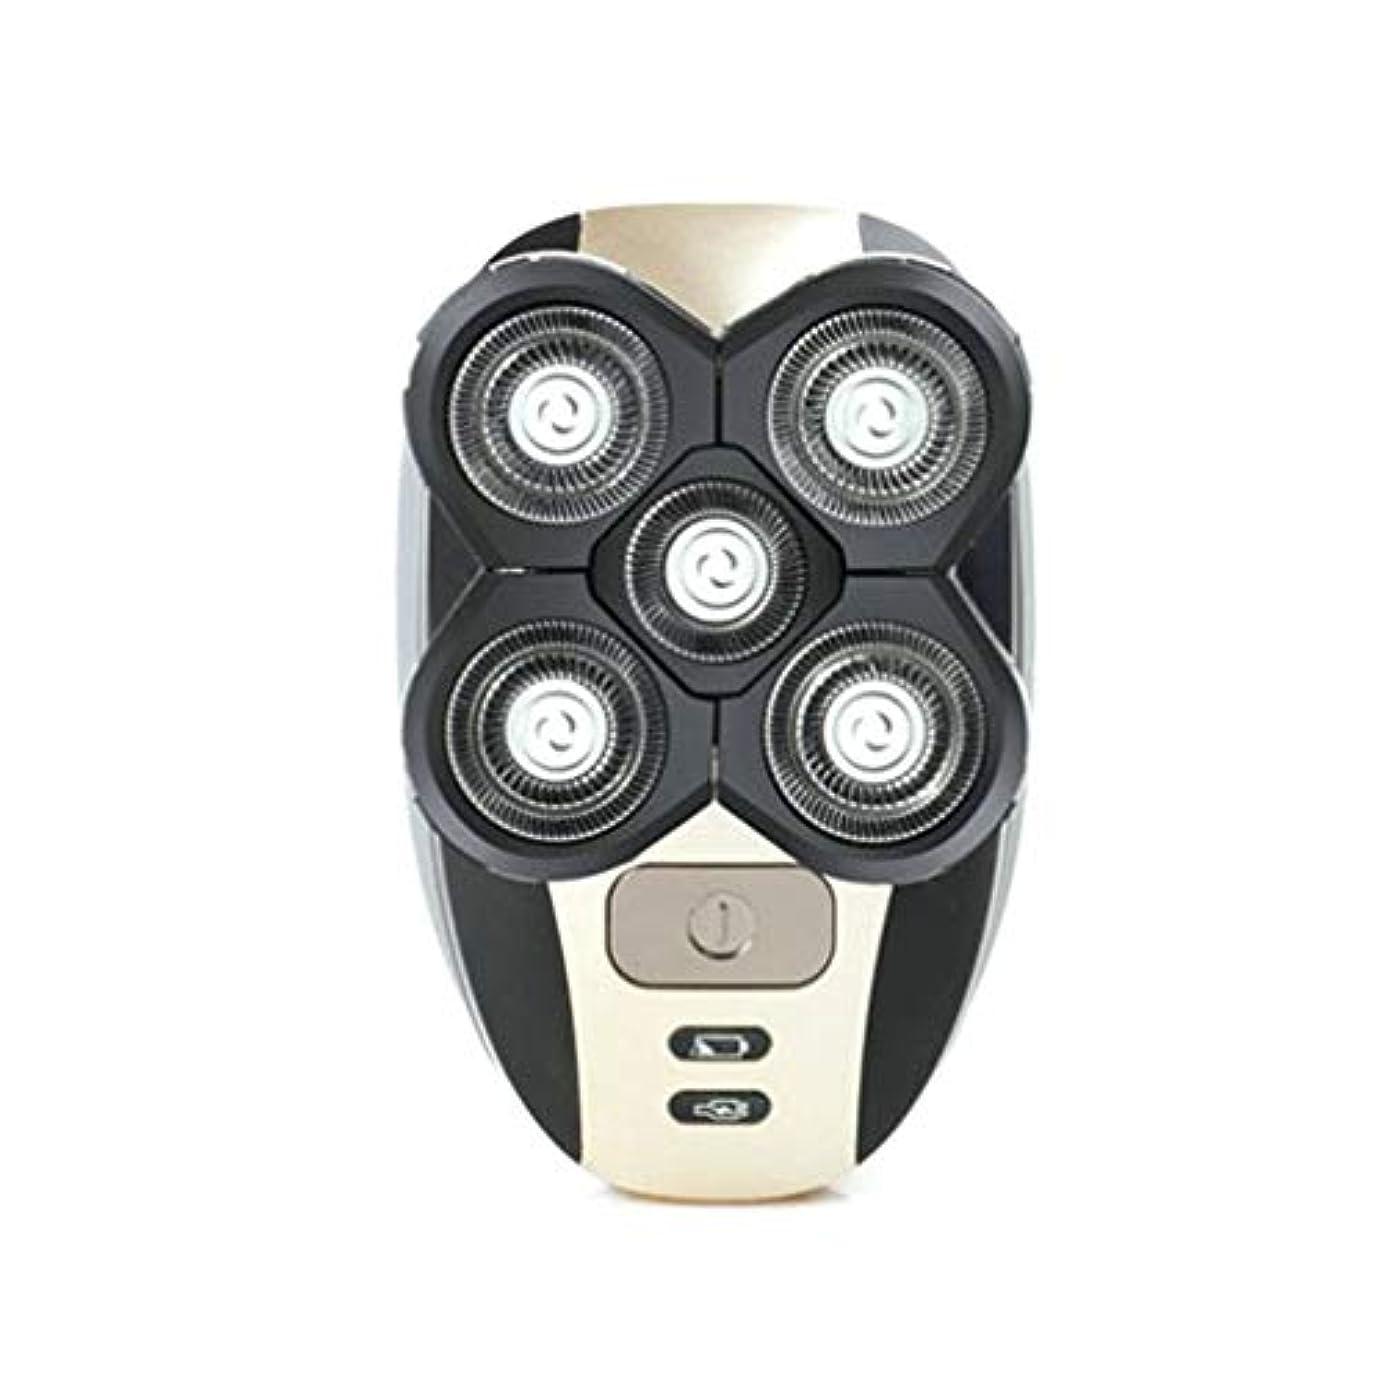 特徴センチメンタル実行メンズヘッドカミソリシェーバー電気充電式防水ボールドヘッドシェービングマシンフェイスケアツールEUタイプファイブフローティングヘッド